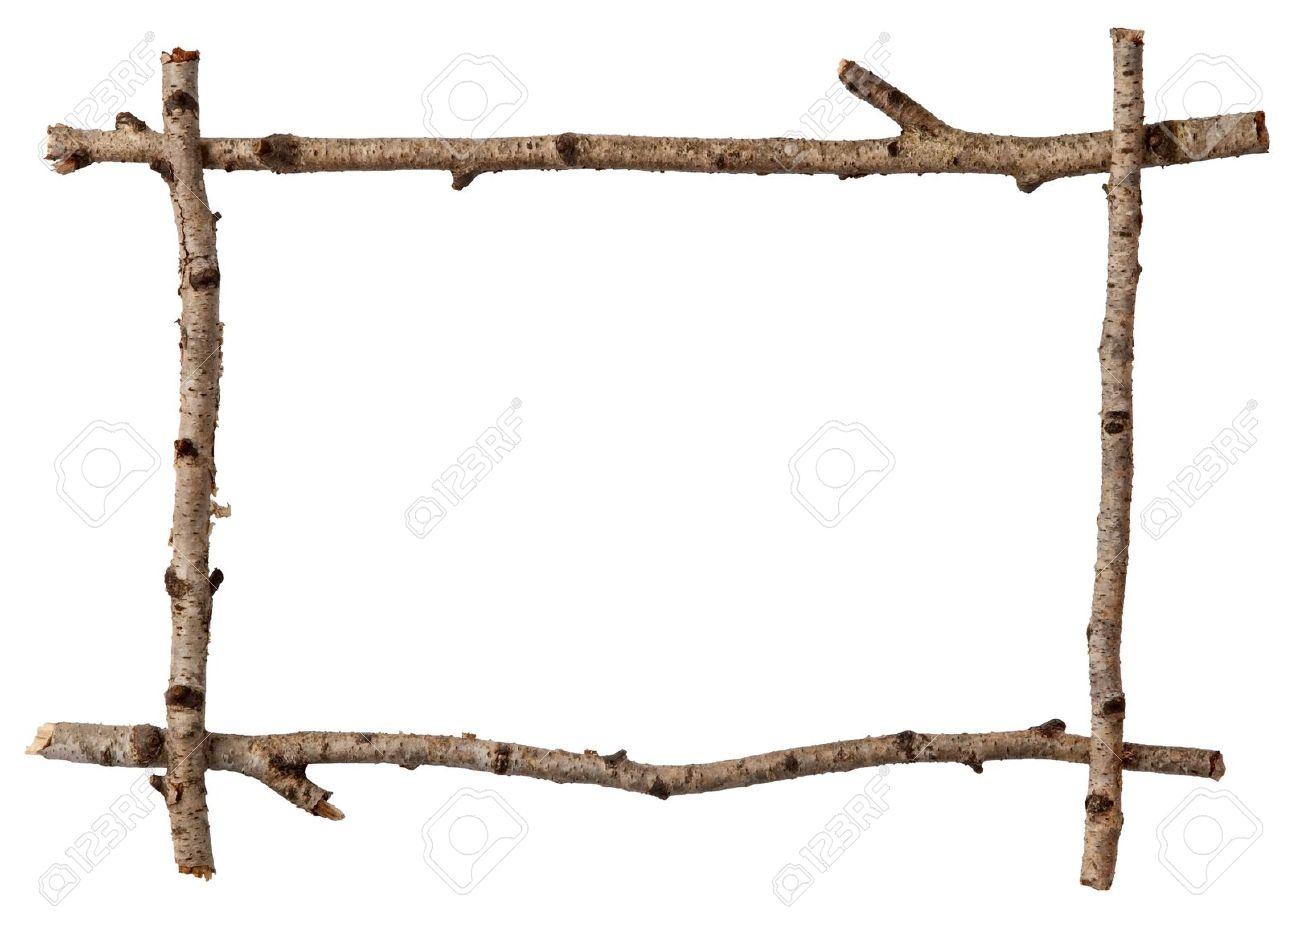 Коллаж с фотографиями из прутьев своими руками э